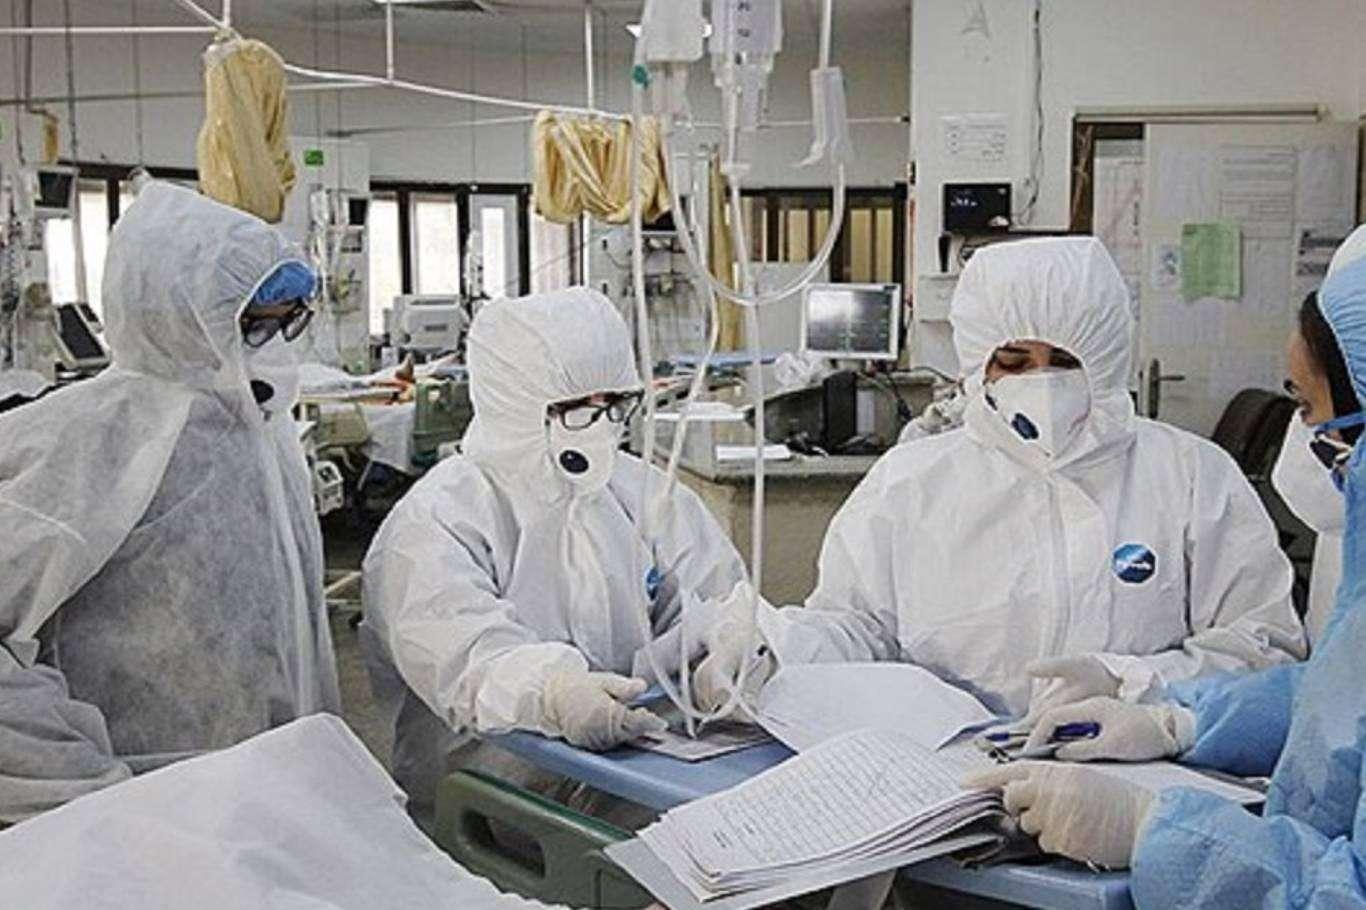 Li cîhanê hejmara kesên ku ji ber Coronavîrusê mirin derket li ser 4 milyon û 582 hezar kesan